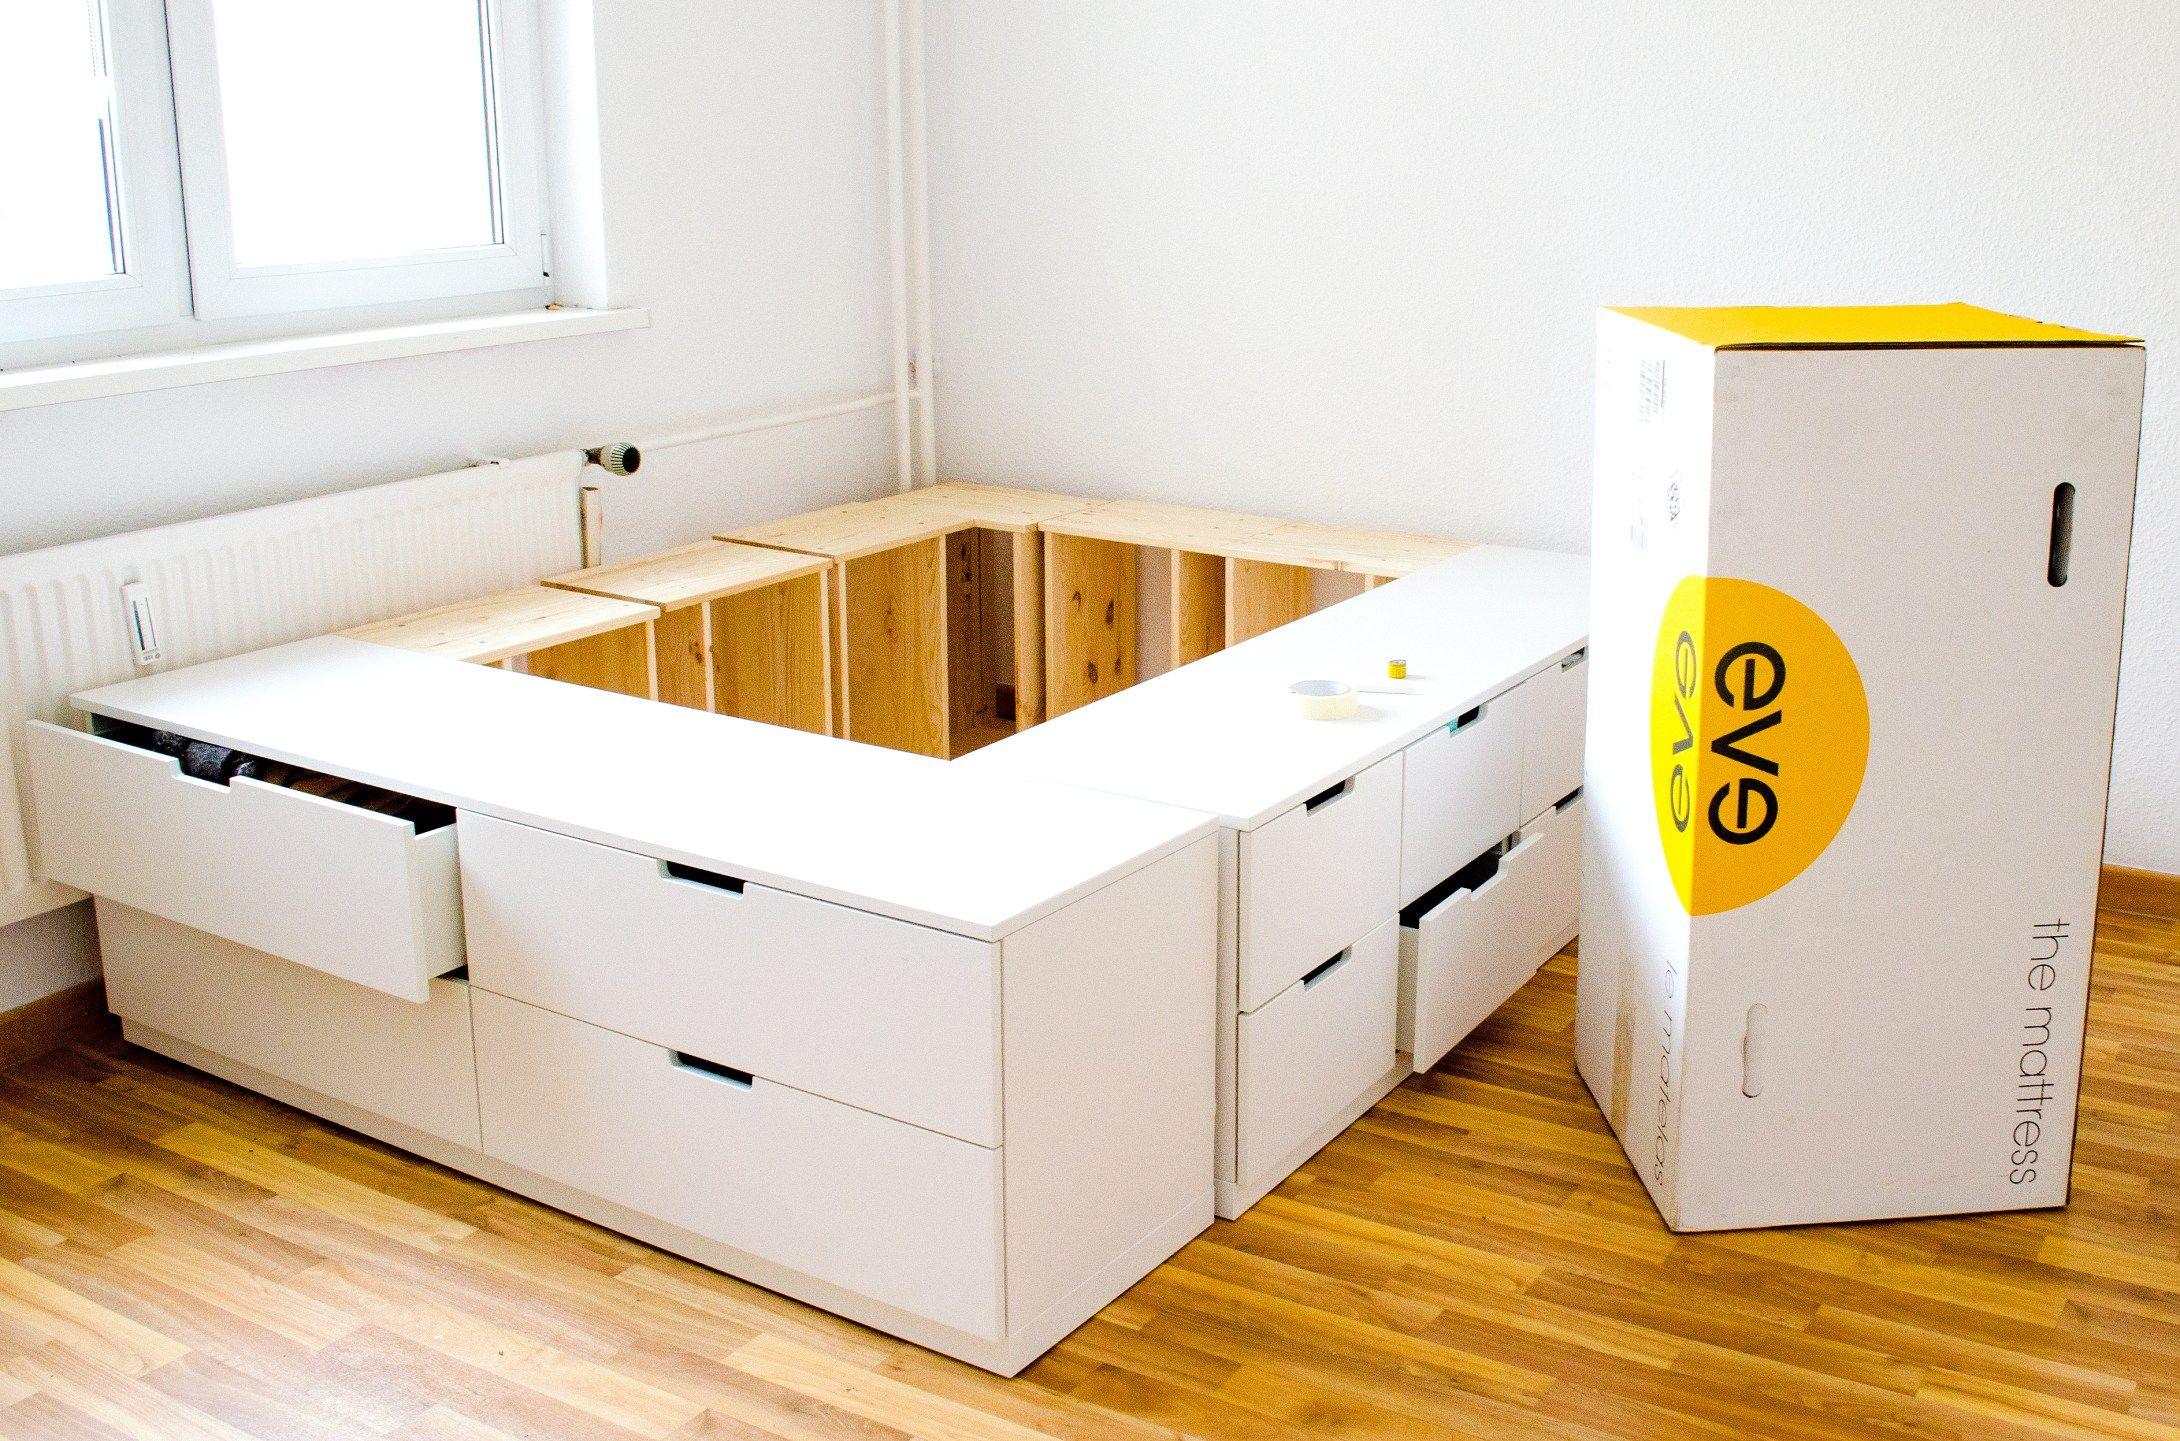 Diy Ikea Hack Plattform Bett Selber Bauen Aus Ikea Kommoden Werbung Bett Selber Bauen Ikea Diy Kleine Schlafzimmer Organisation